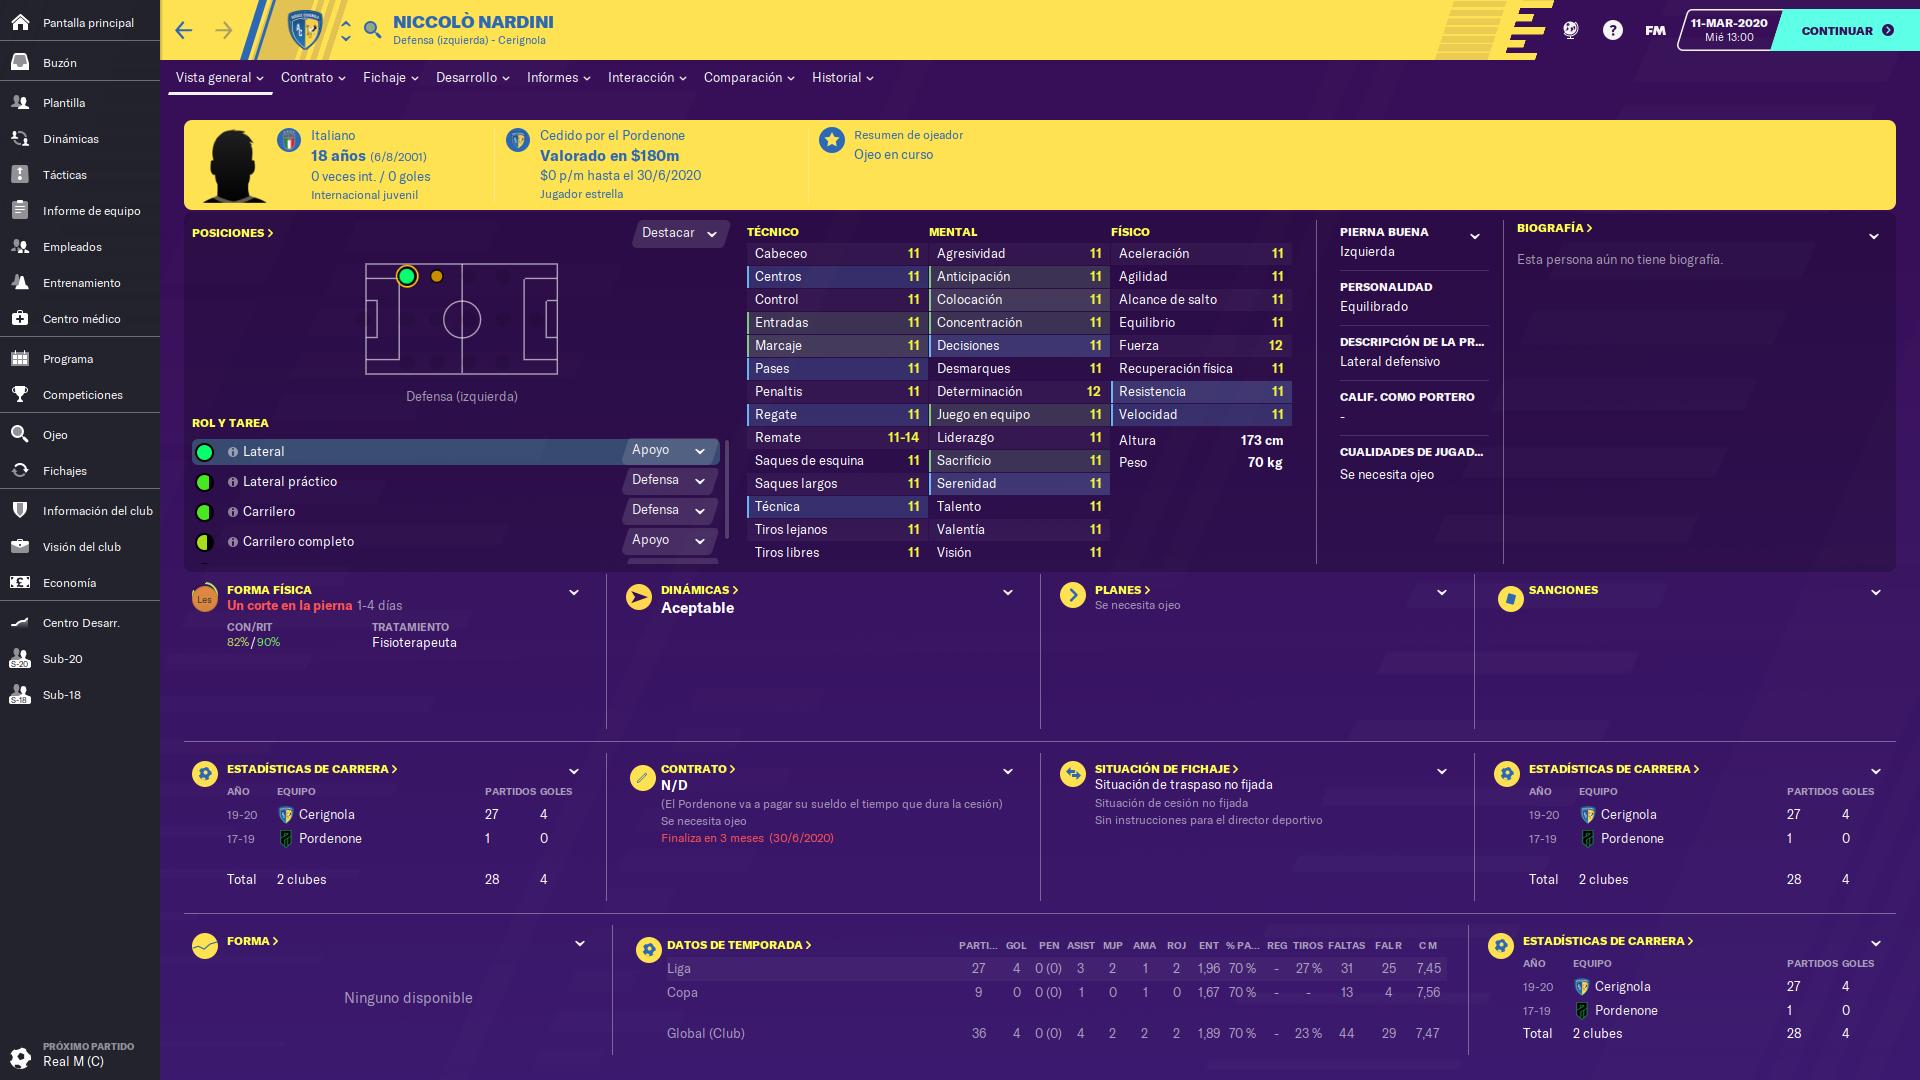 Football-Manager-2020-Screenshot-2020-04